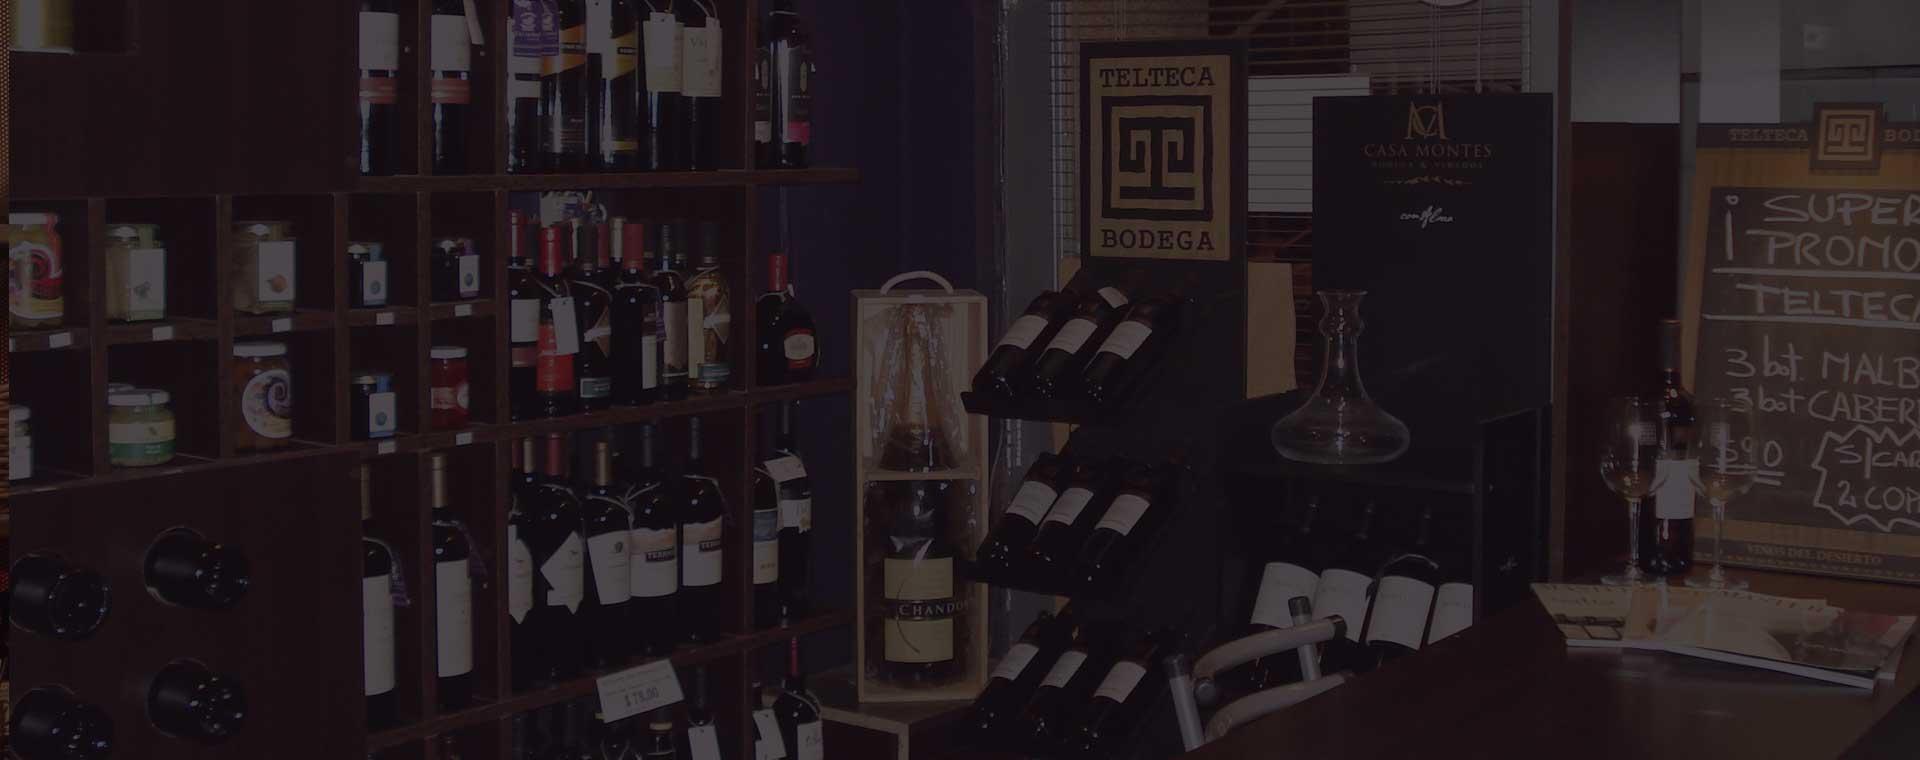 Varietal vinoteca córdoba